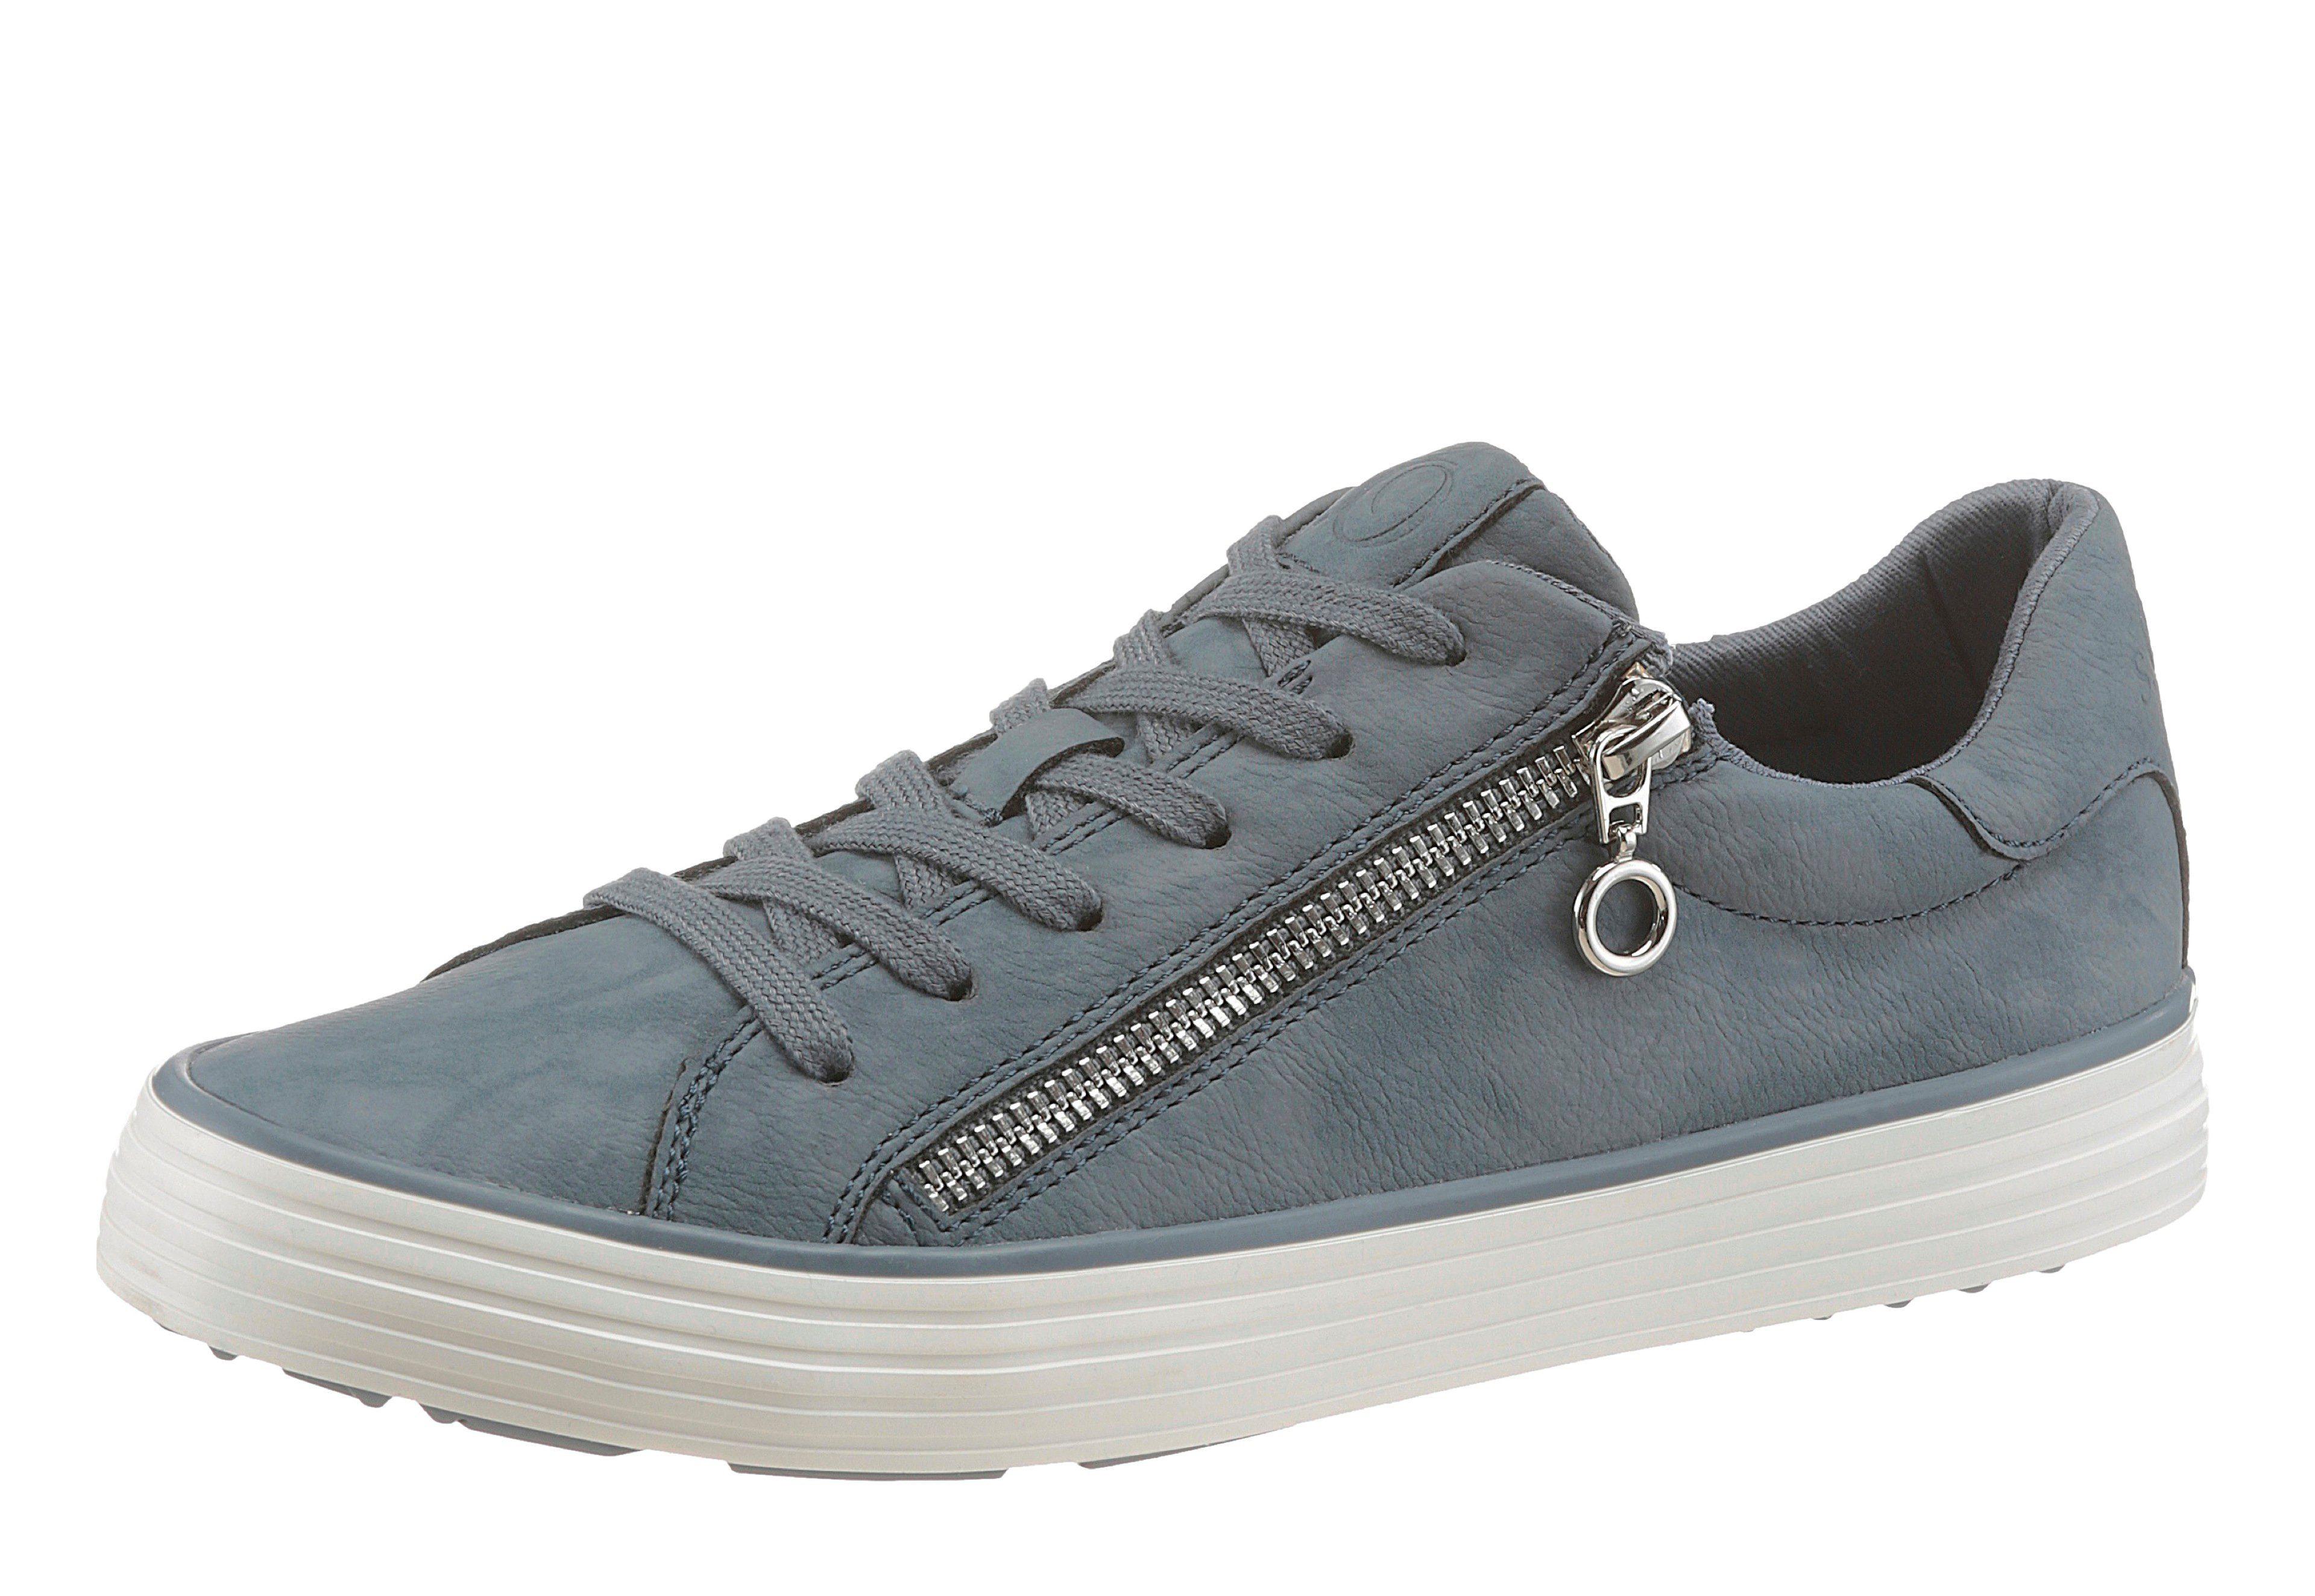 Otto Chaussures Noires Avec Velcro Pour Les Femmes 3Xfbph6PO